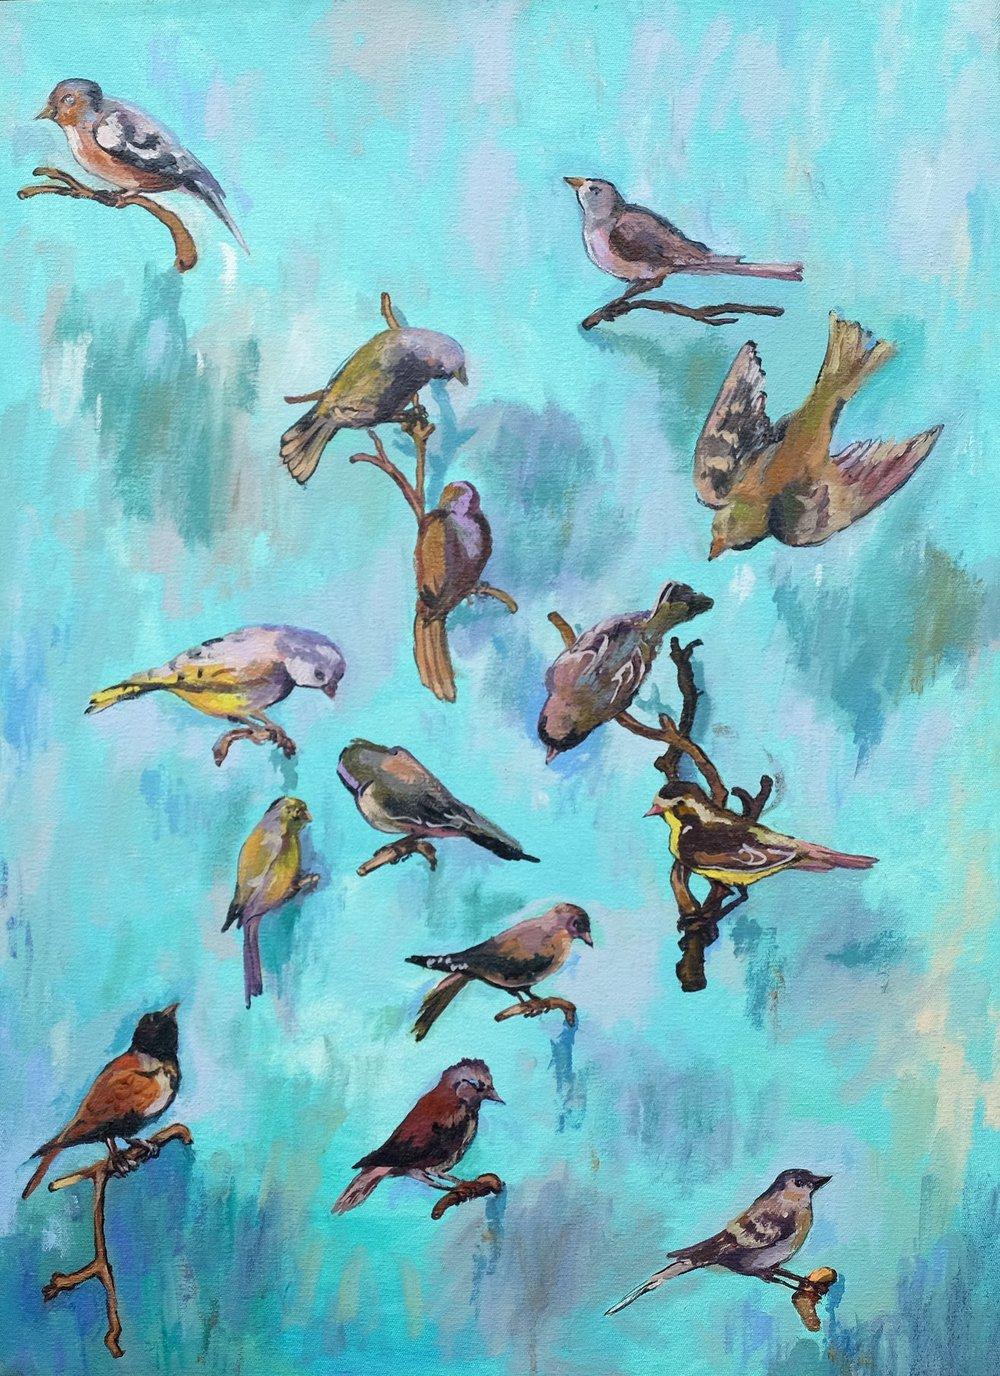 'Very Canary'